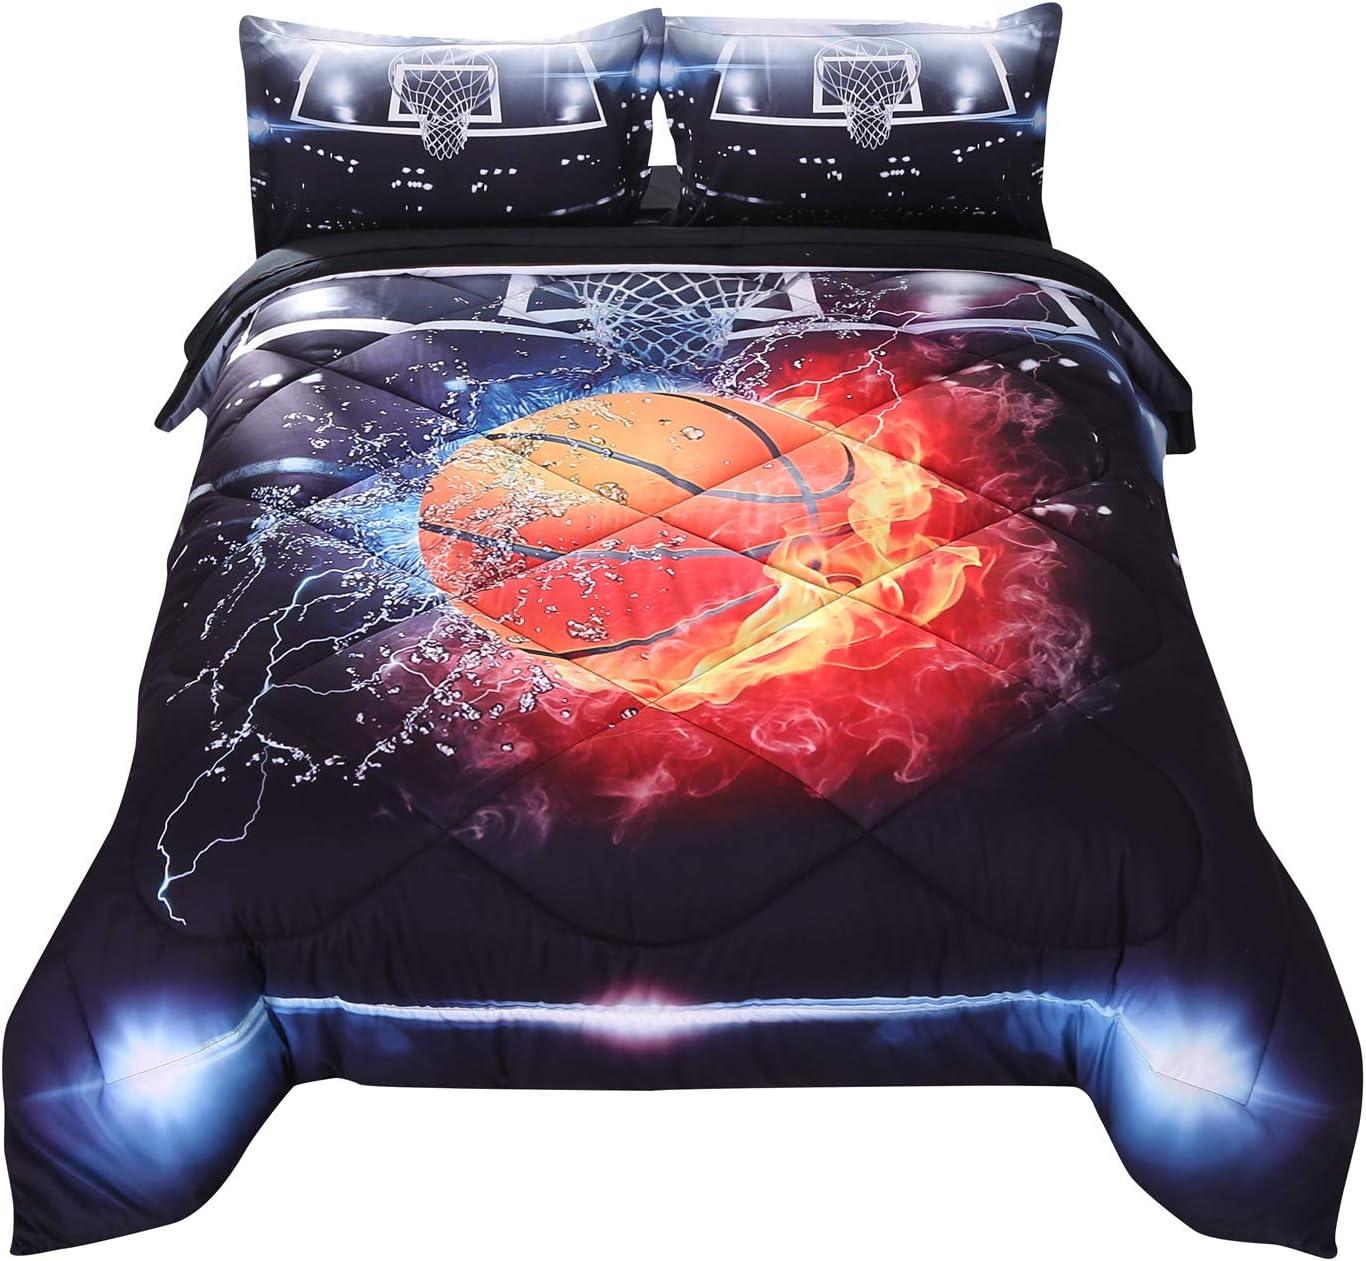 Wowelife Basketball Bedding 25% OFF 3D Fir Set Ranking TOP9 Comforter Twin